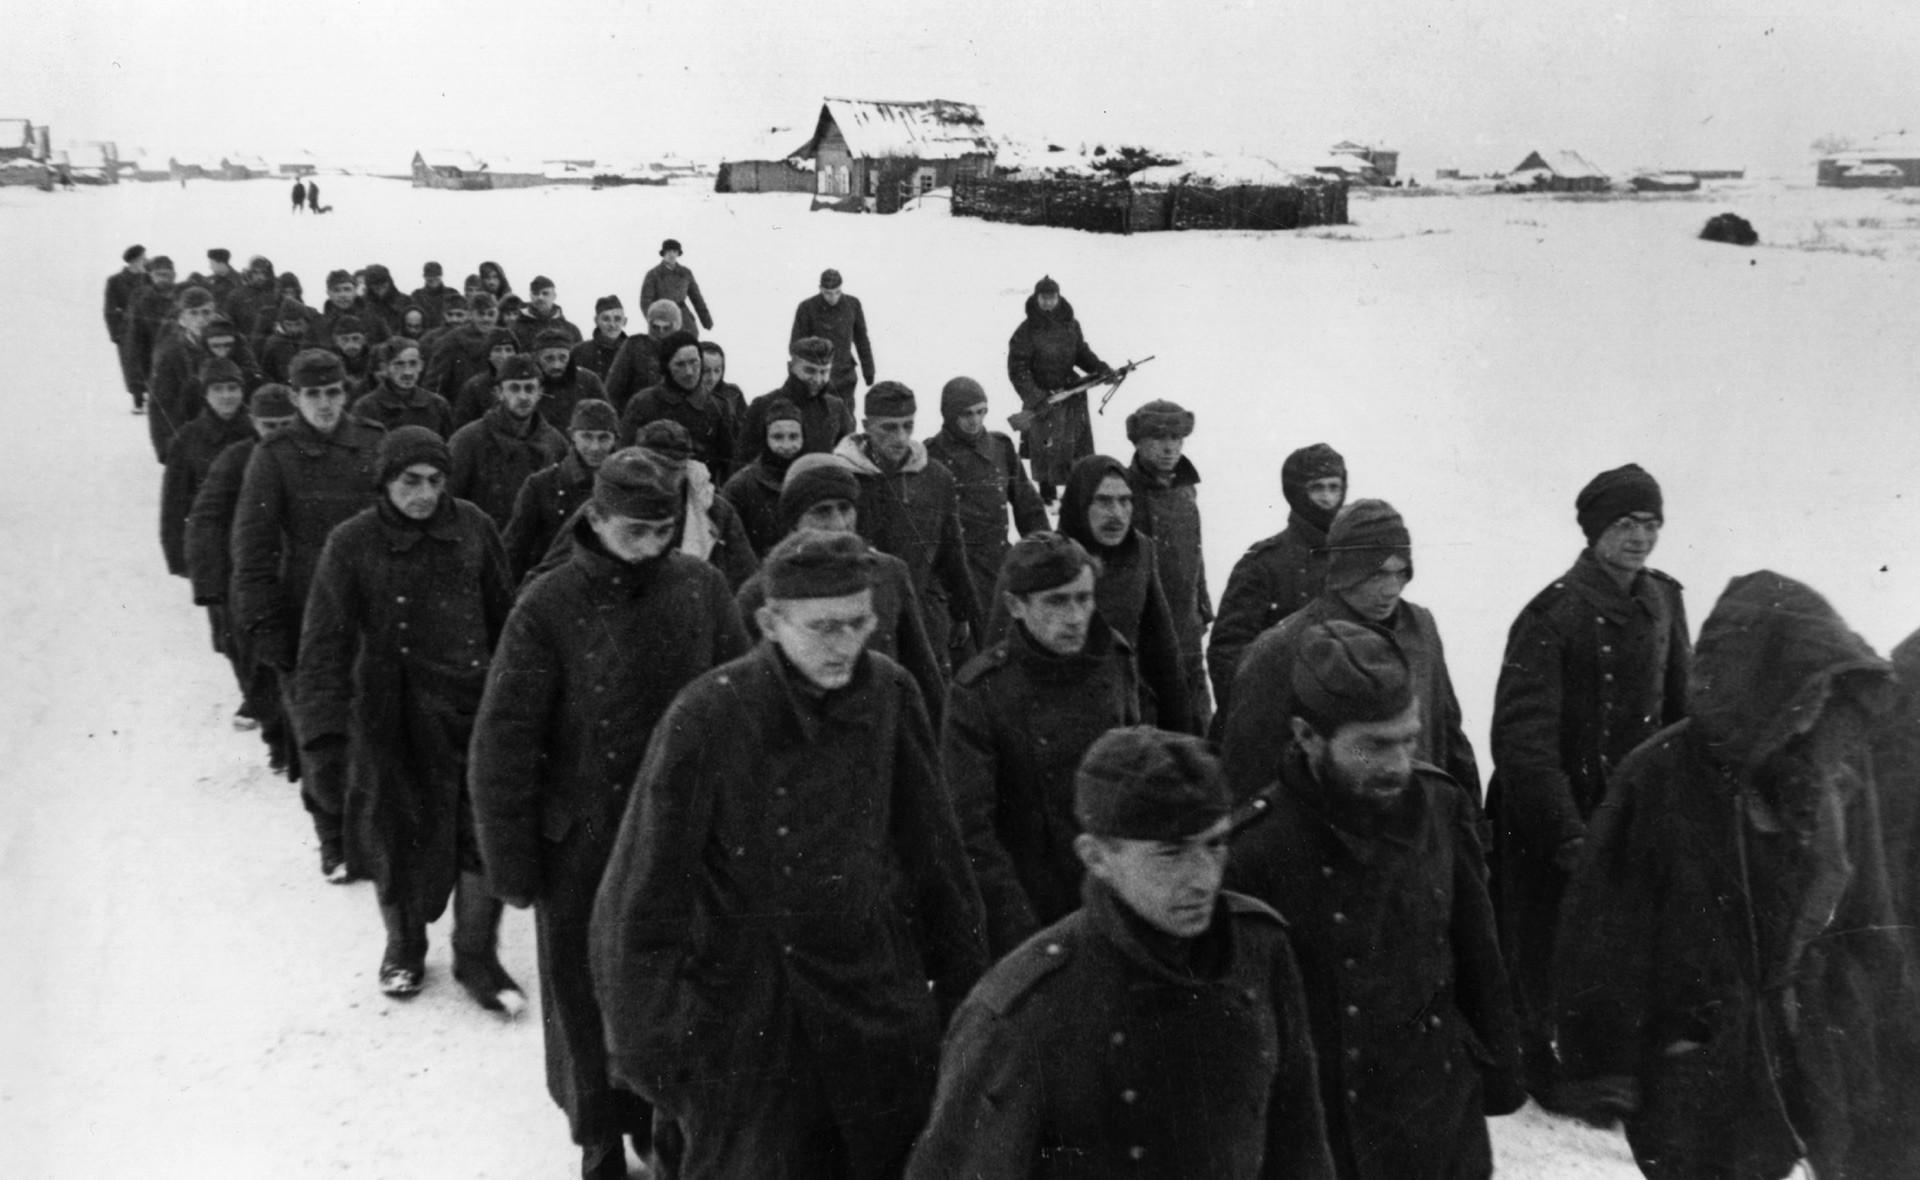 Zarobljeni Nijemci.